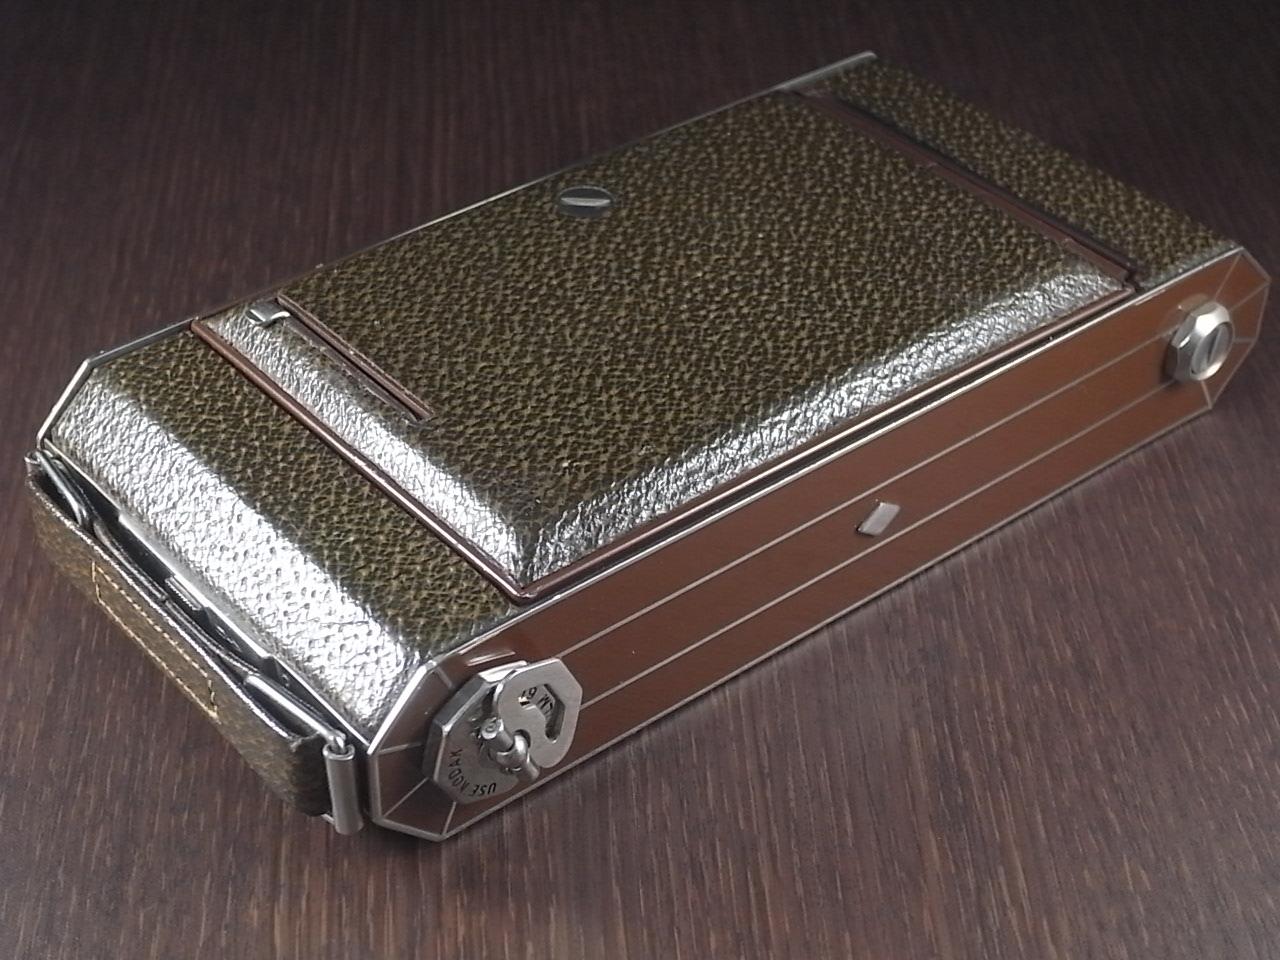 コダック アールデコ 蛇腹カメラ SIX-16 ブラウンの写真5枚目